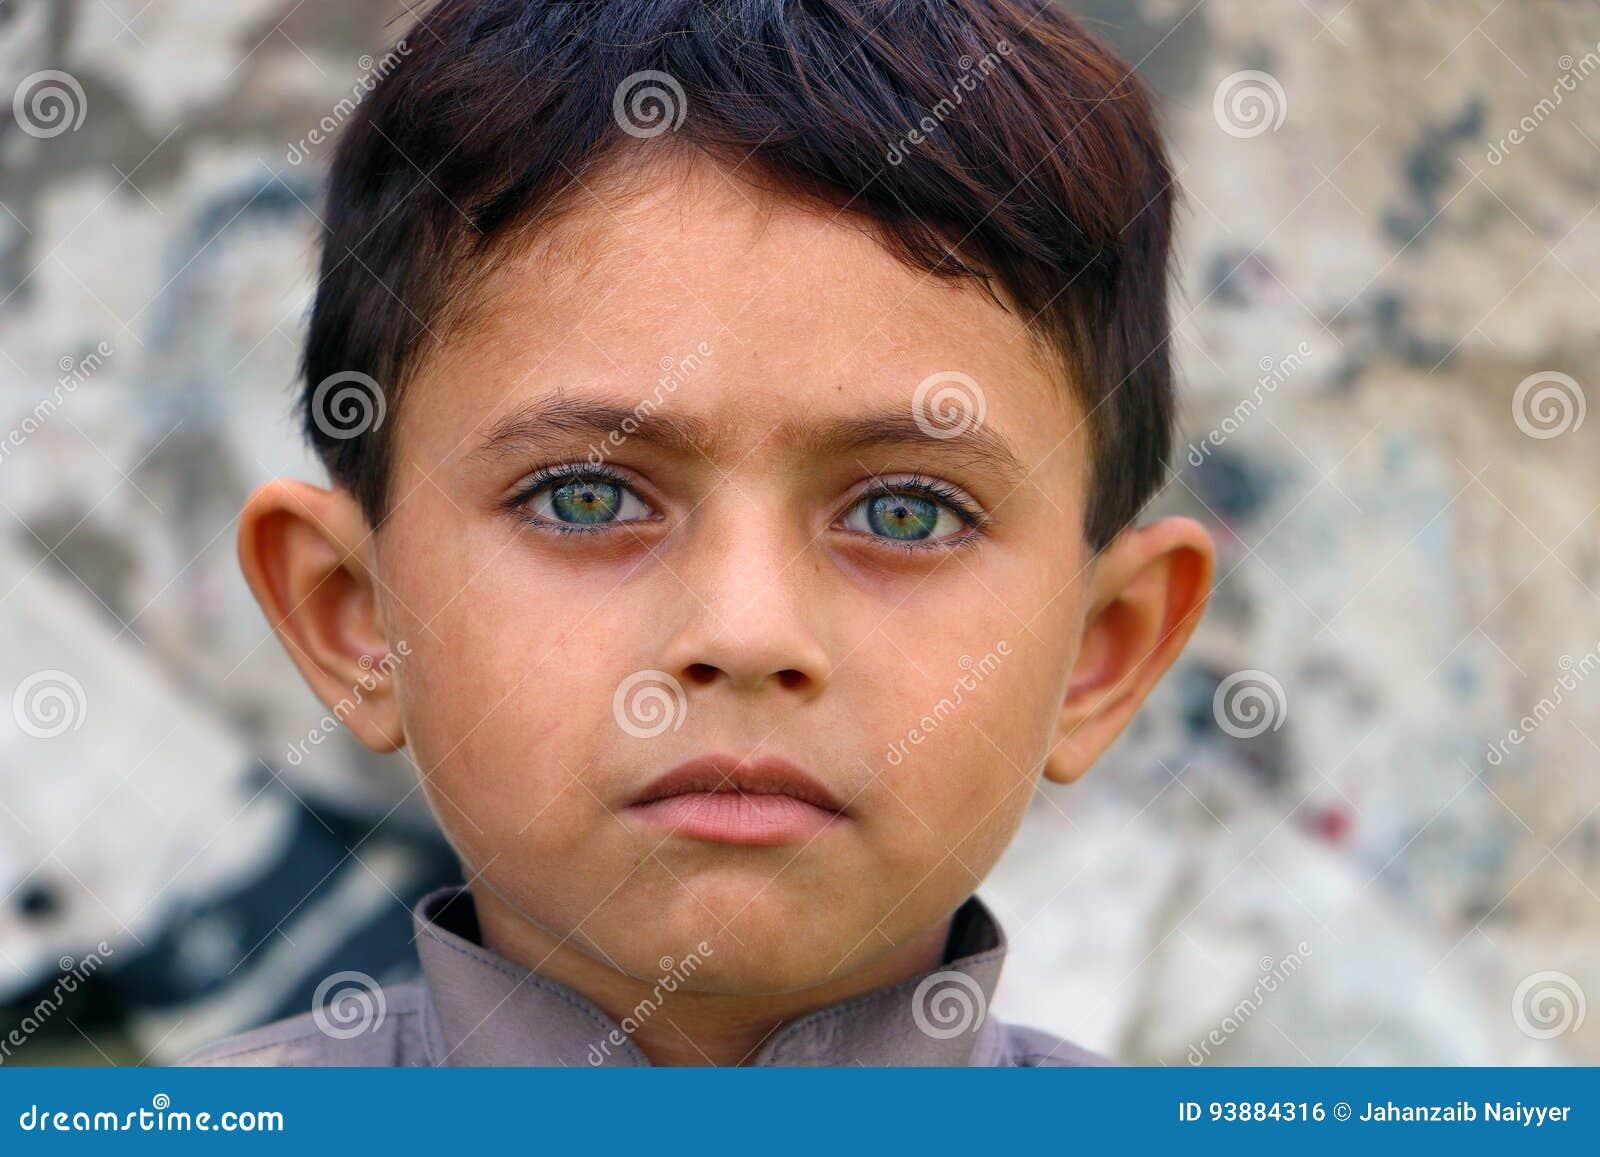 Глаза южного азиатского ребенка зеленые